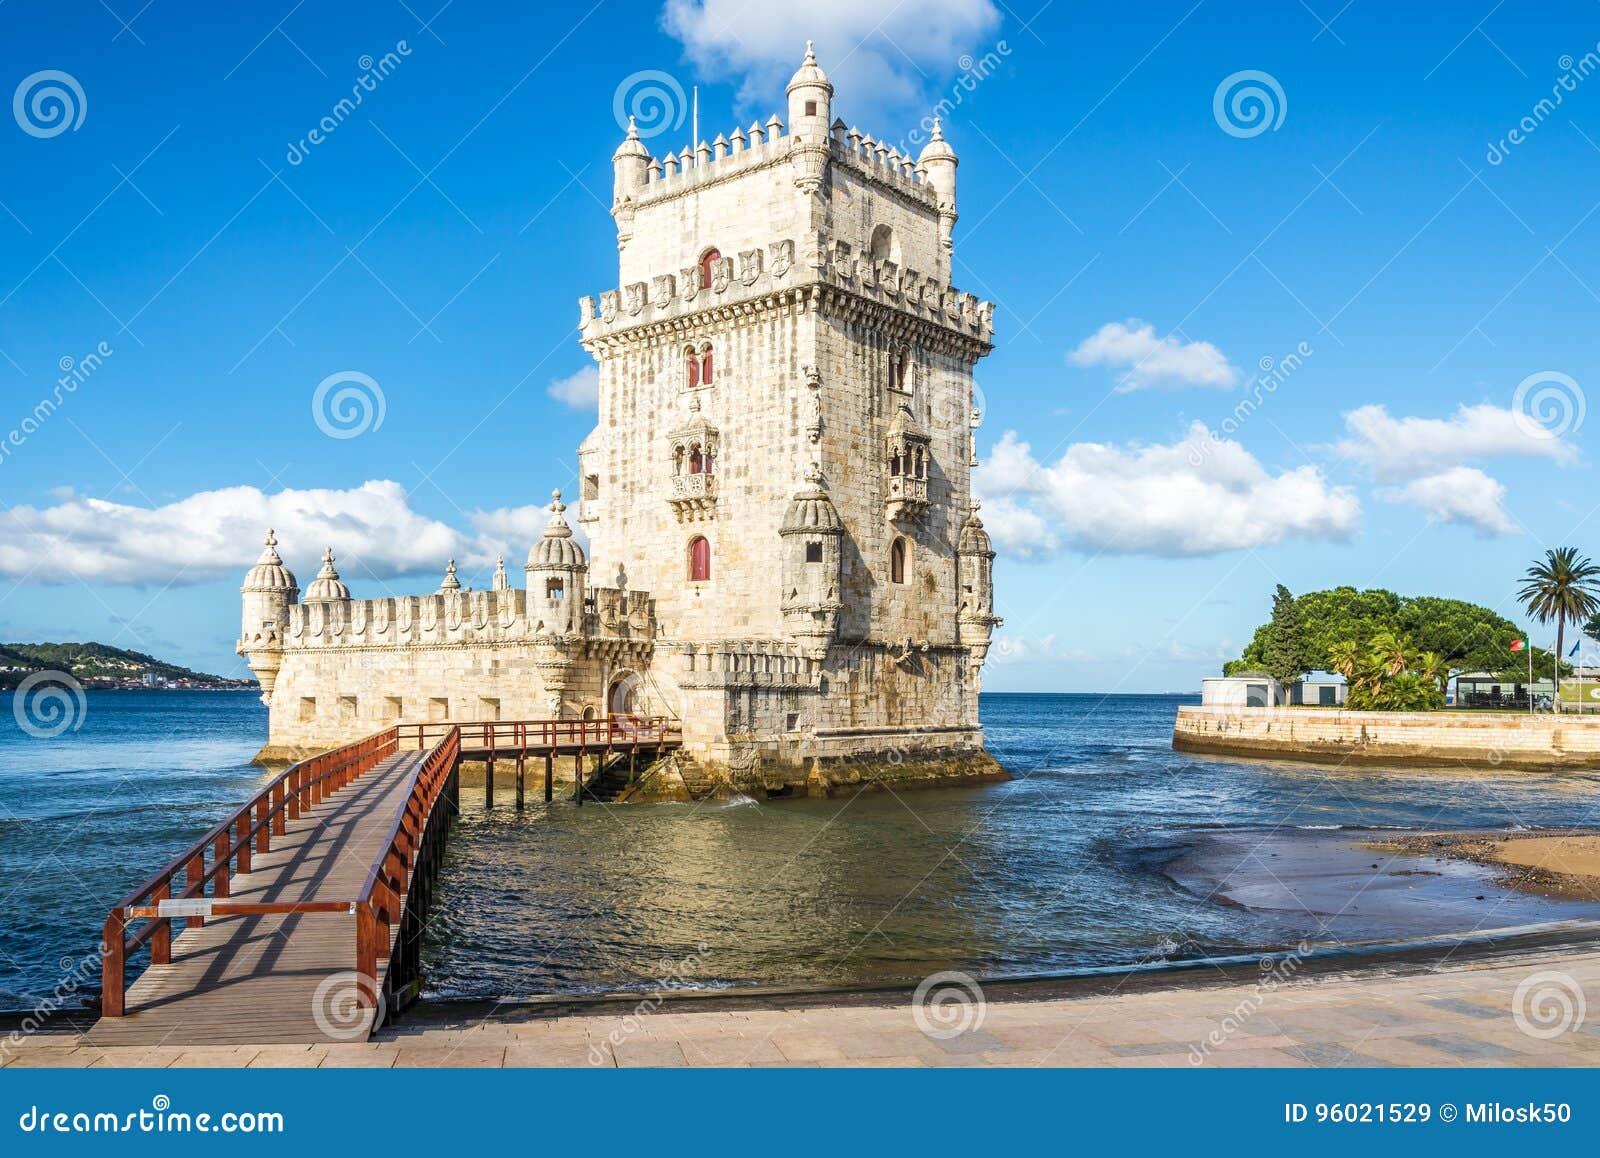 Mening bij de toren van Belem bij de bank van Tejo River in Lissabon, Portugal